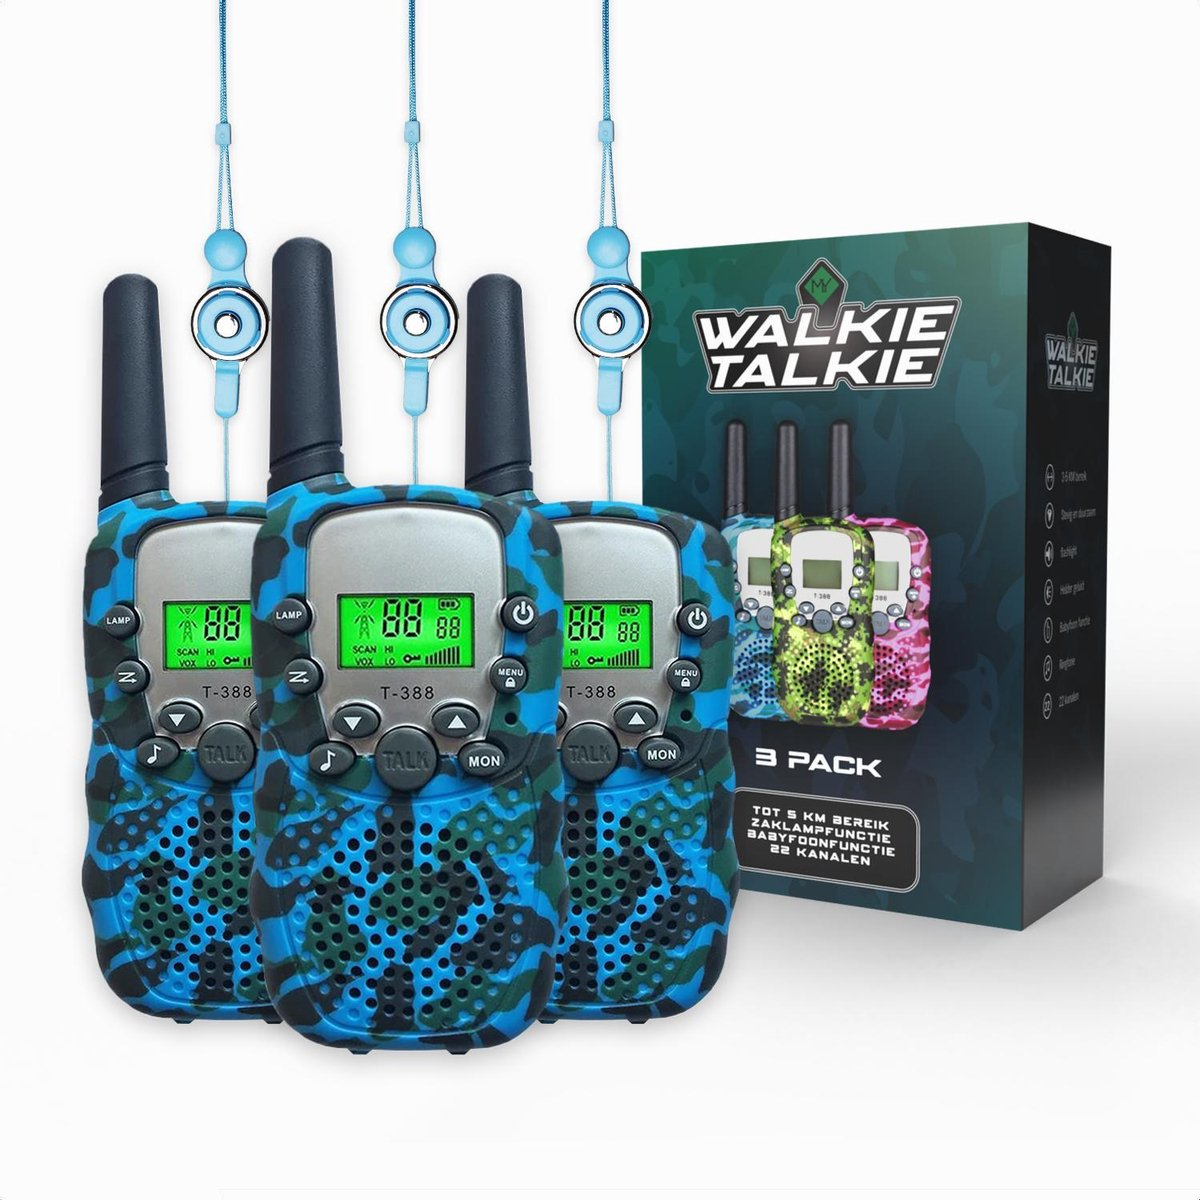 M.Y.© Premium Walkie Talkie Voor Kinderen en Volwassenen 3-PACK - Portofoon Tot 5 KM Bereik - Gratis Koordjes - Camouflage Blauw